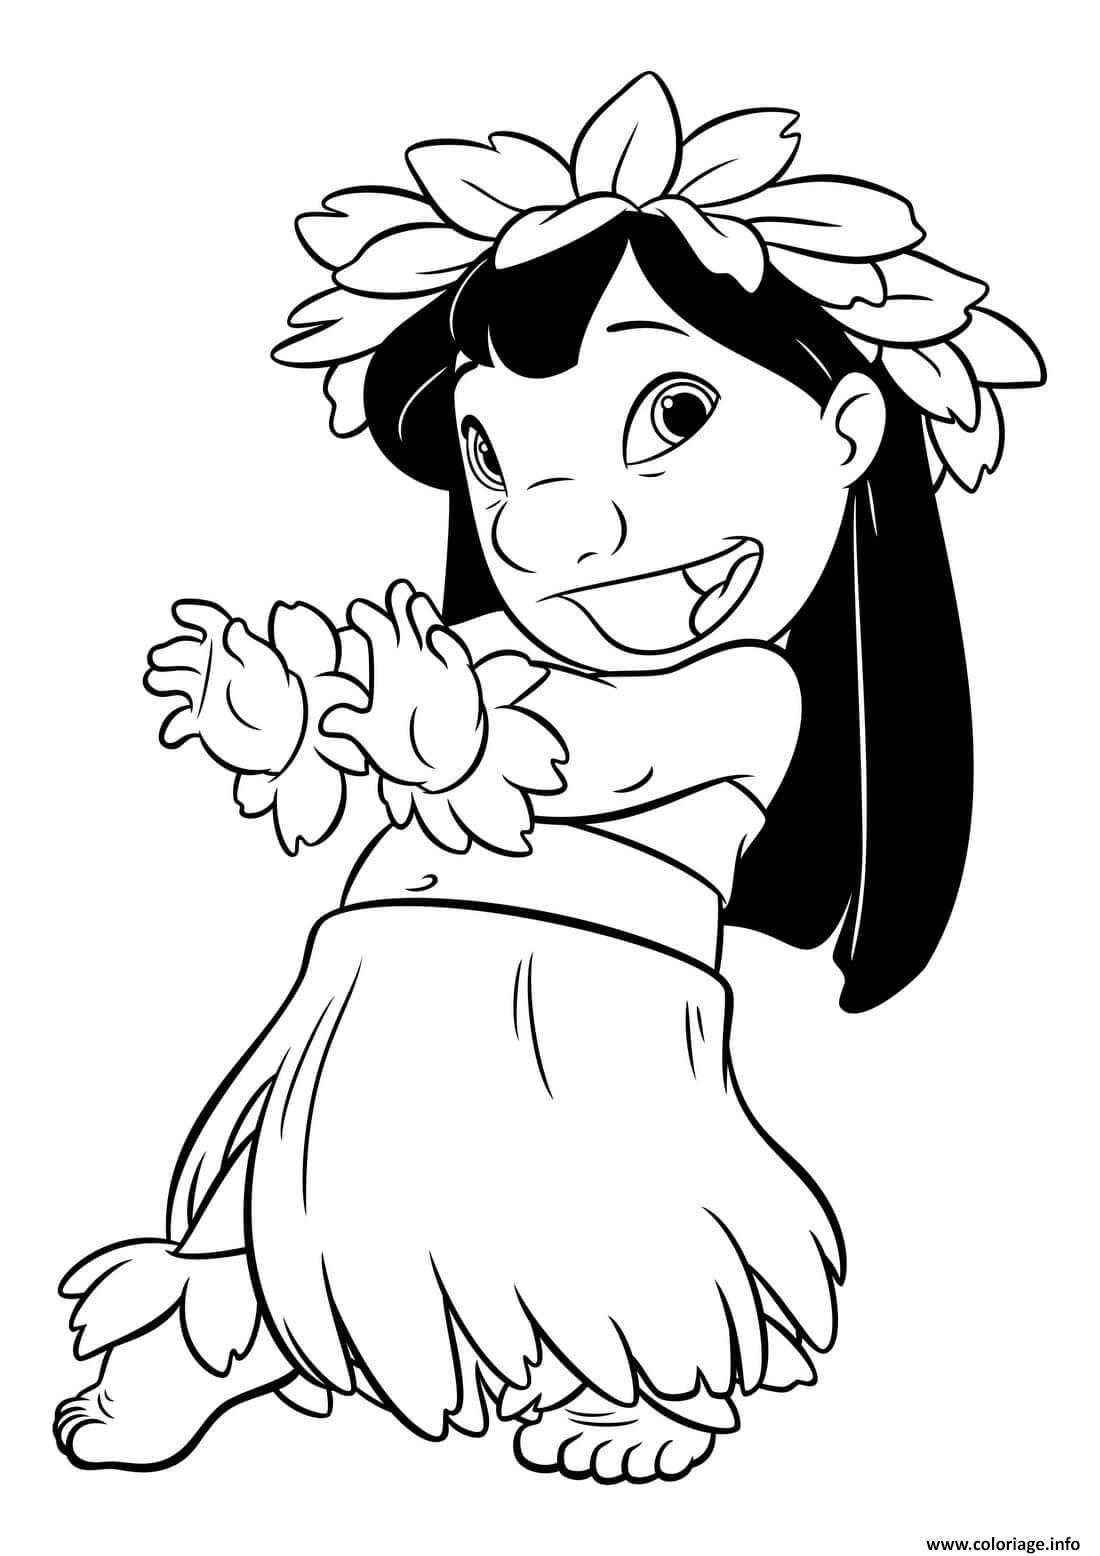 Dessin lilo fait une danse hawaii Coloriage Gratuit à Imprimer